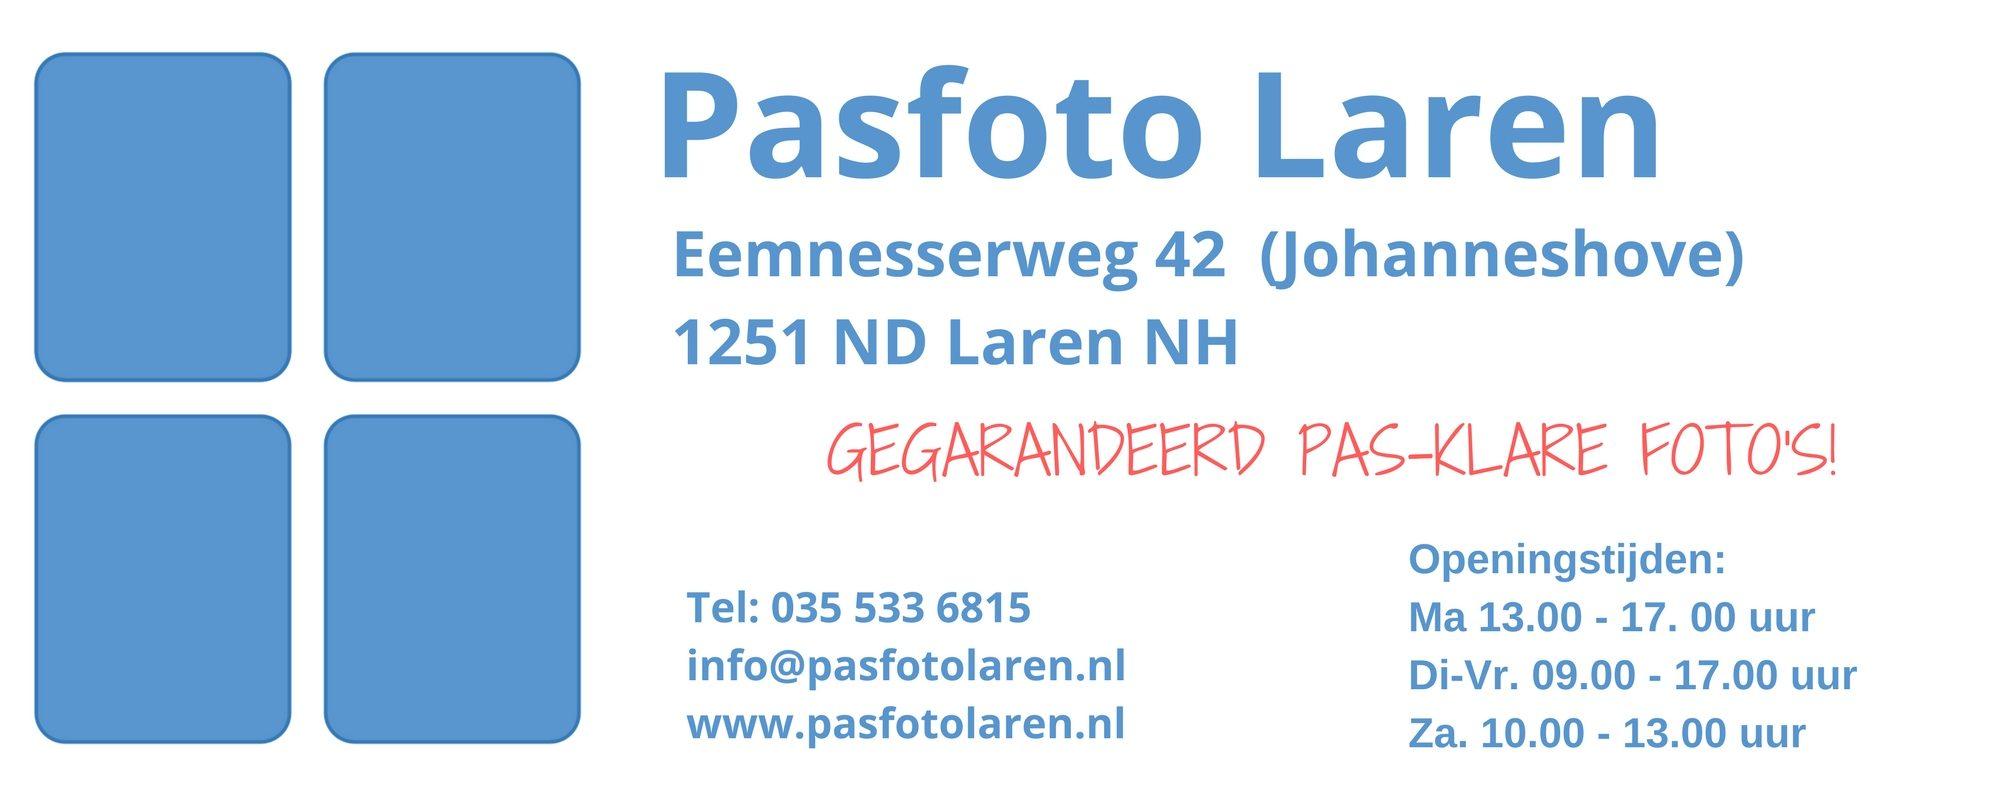 Pasfoto Laren